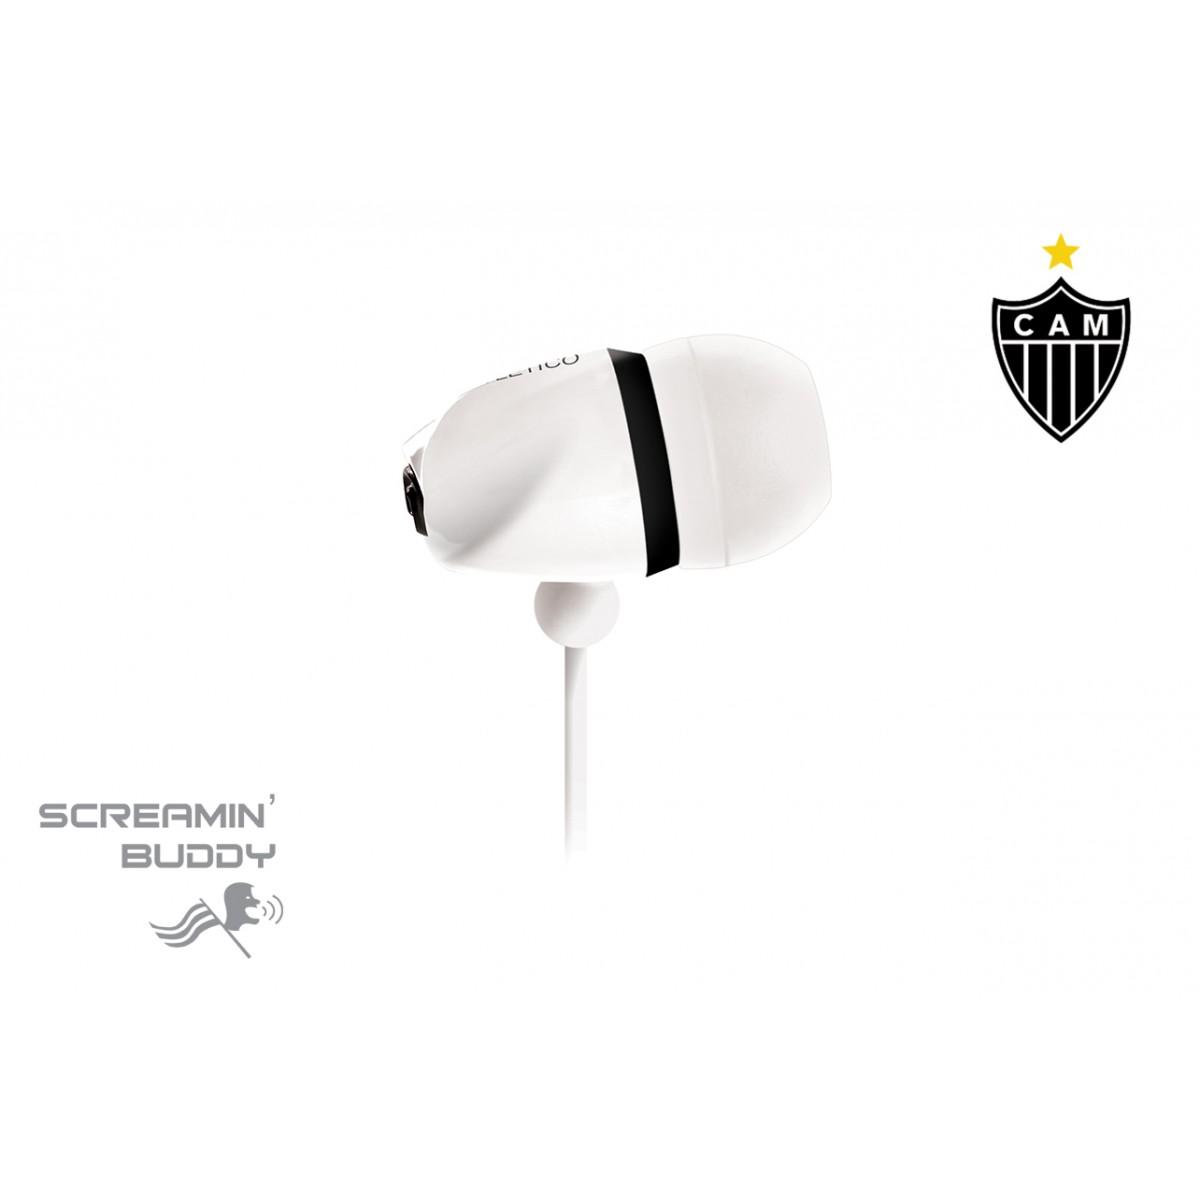 Fone de Ouvido Screamin Buddy Atletico Mineiro - SB-10/ATM - Waldman -